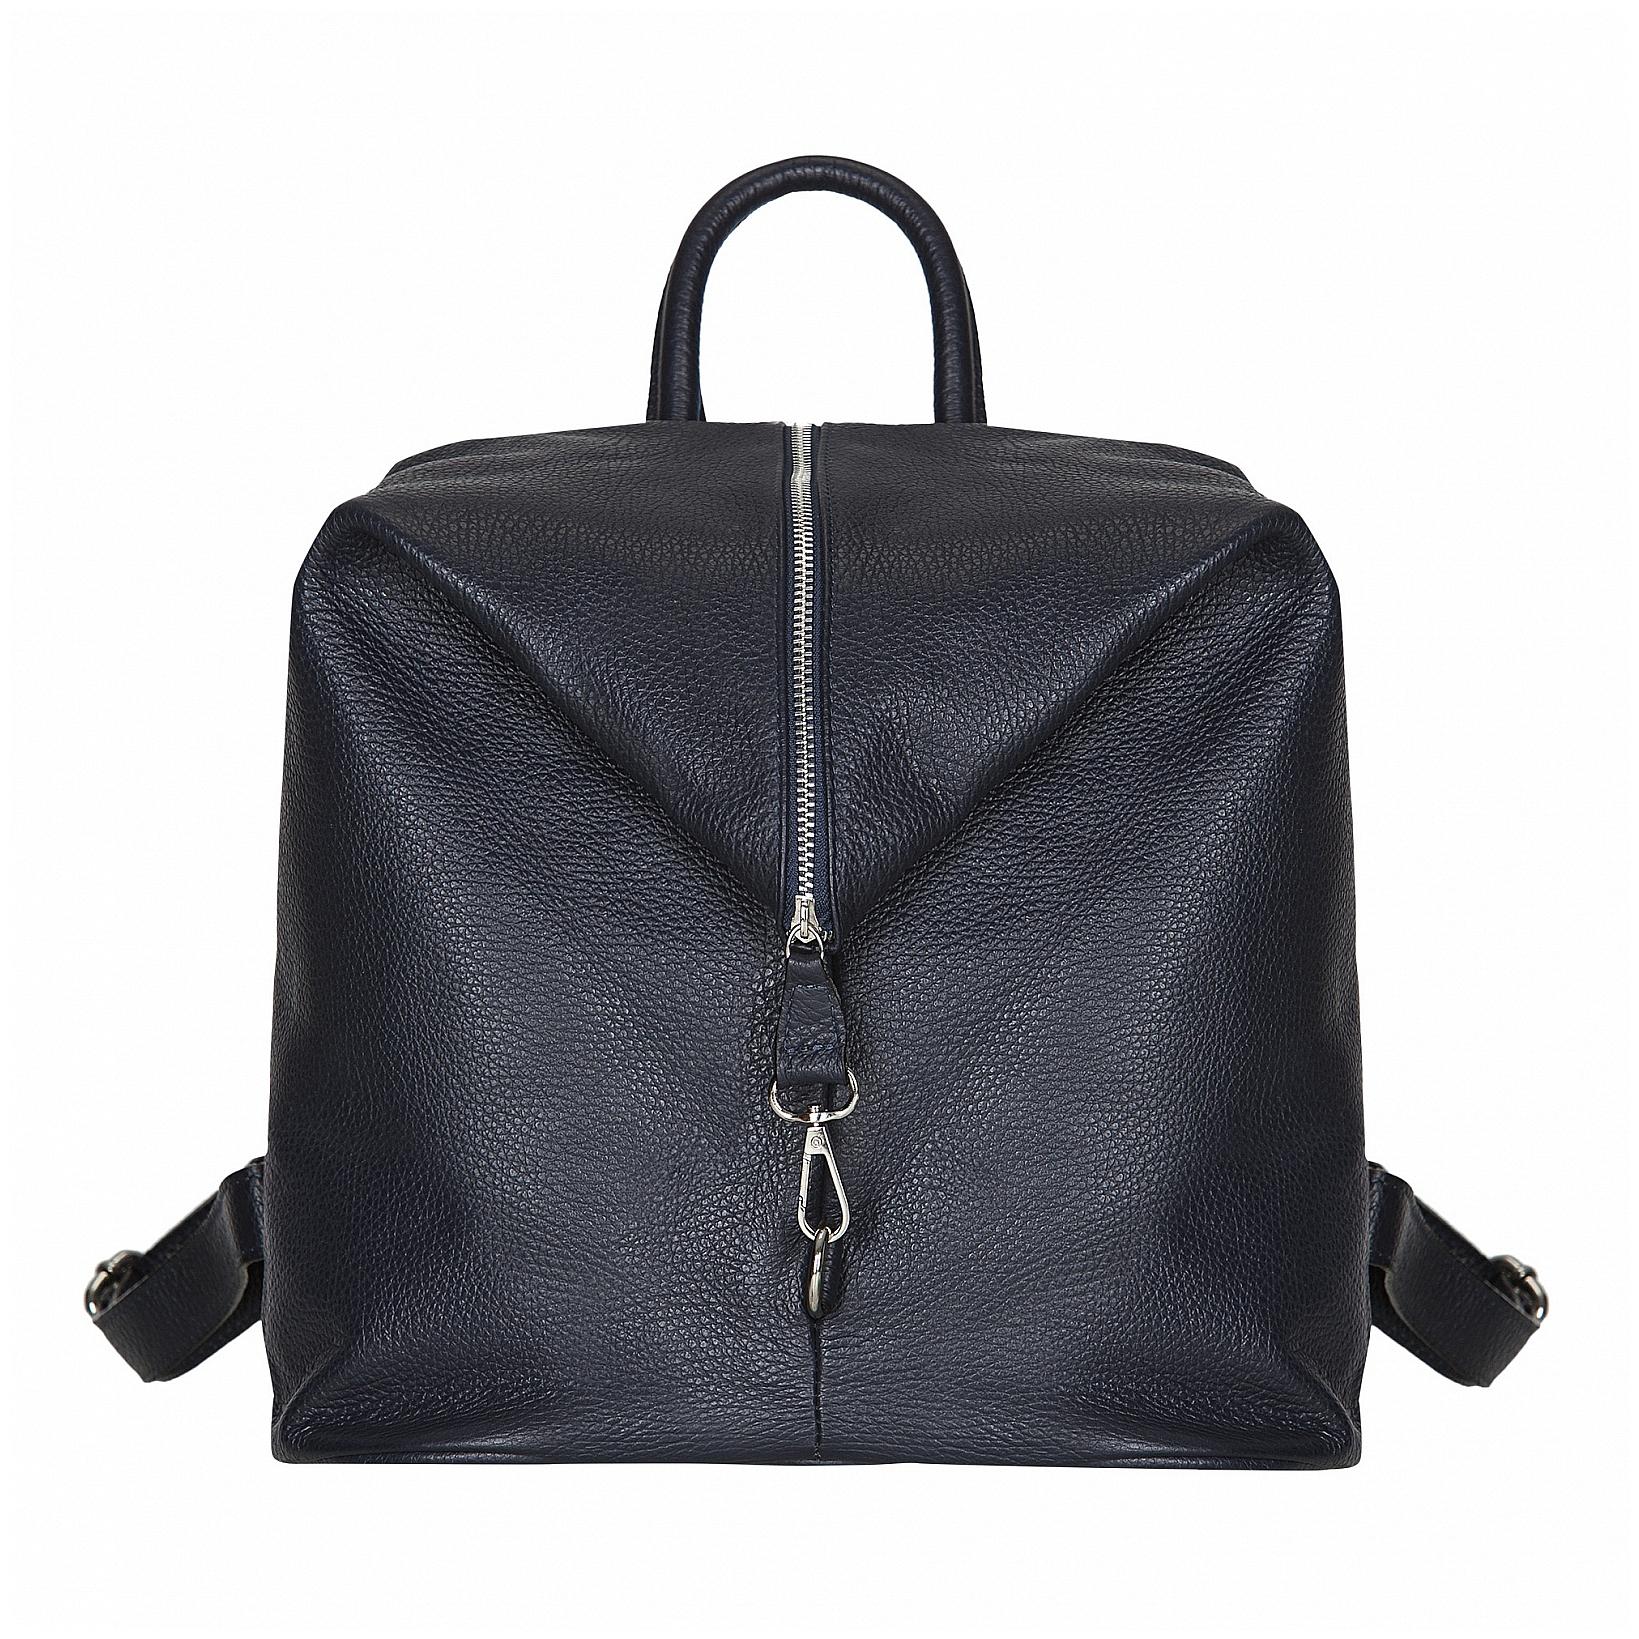 ESTELLE Dámský kožený batoh 1252 tmavě modrý